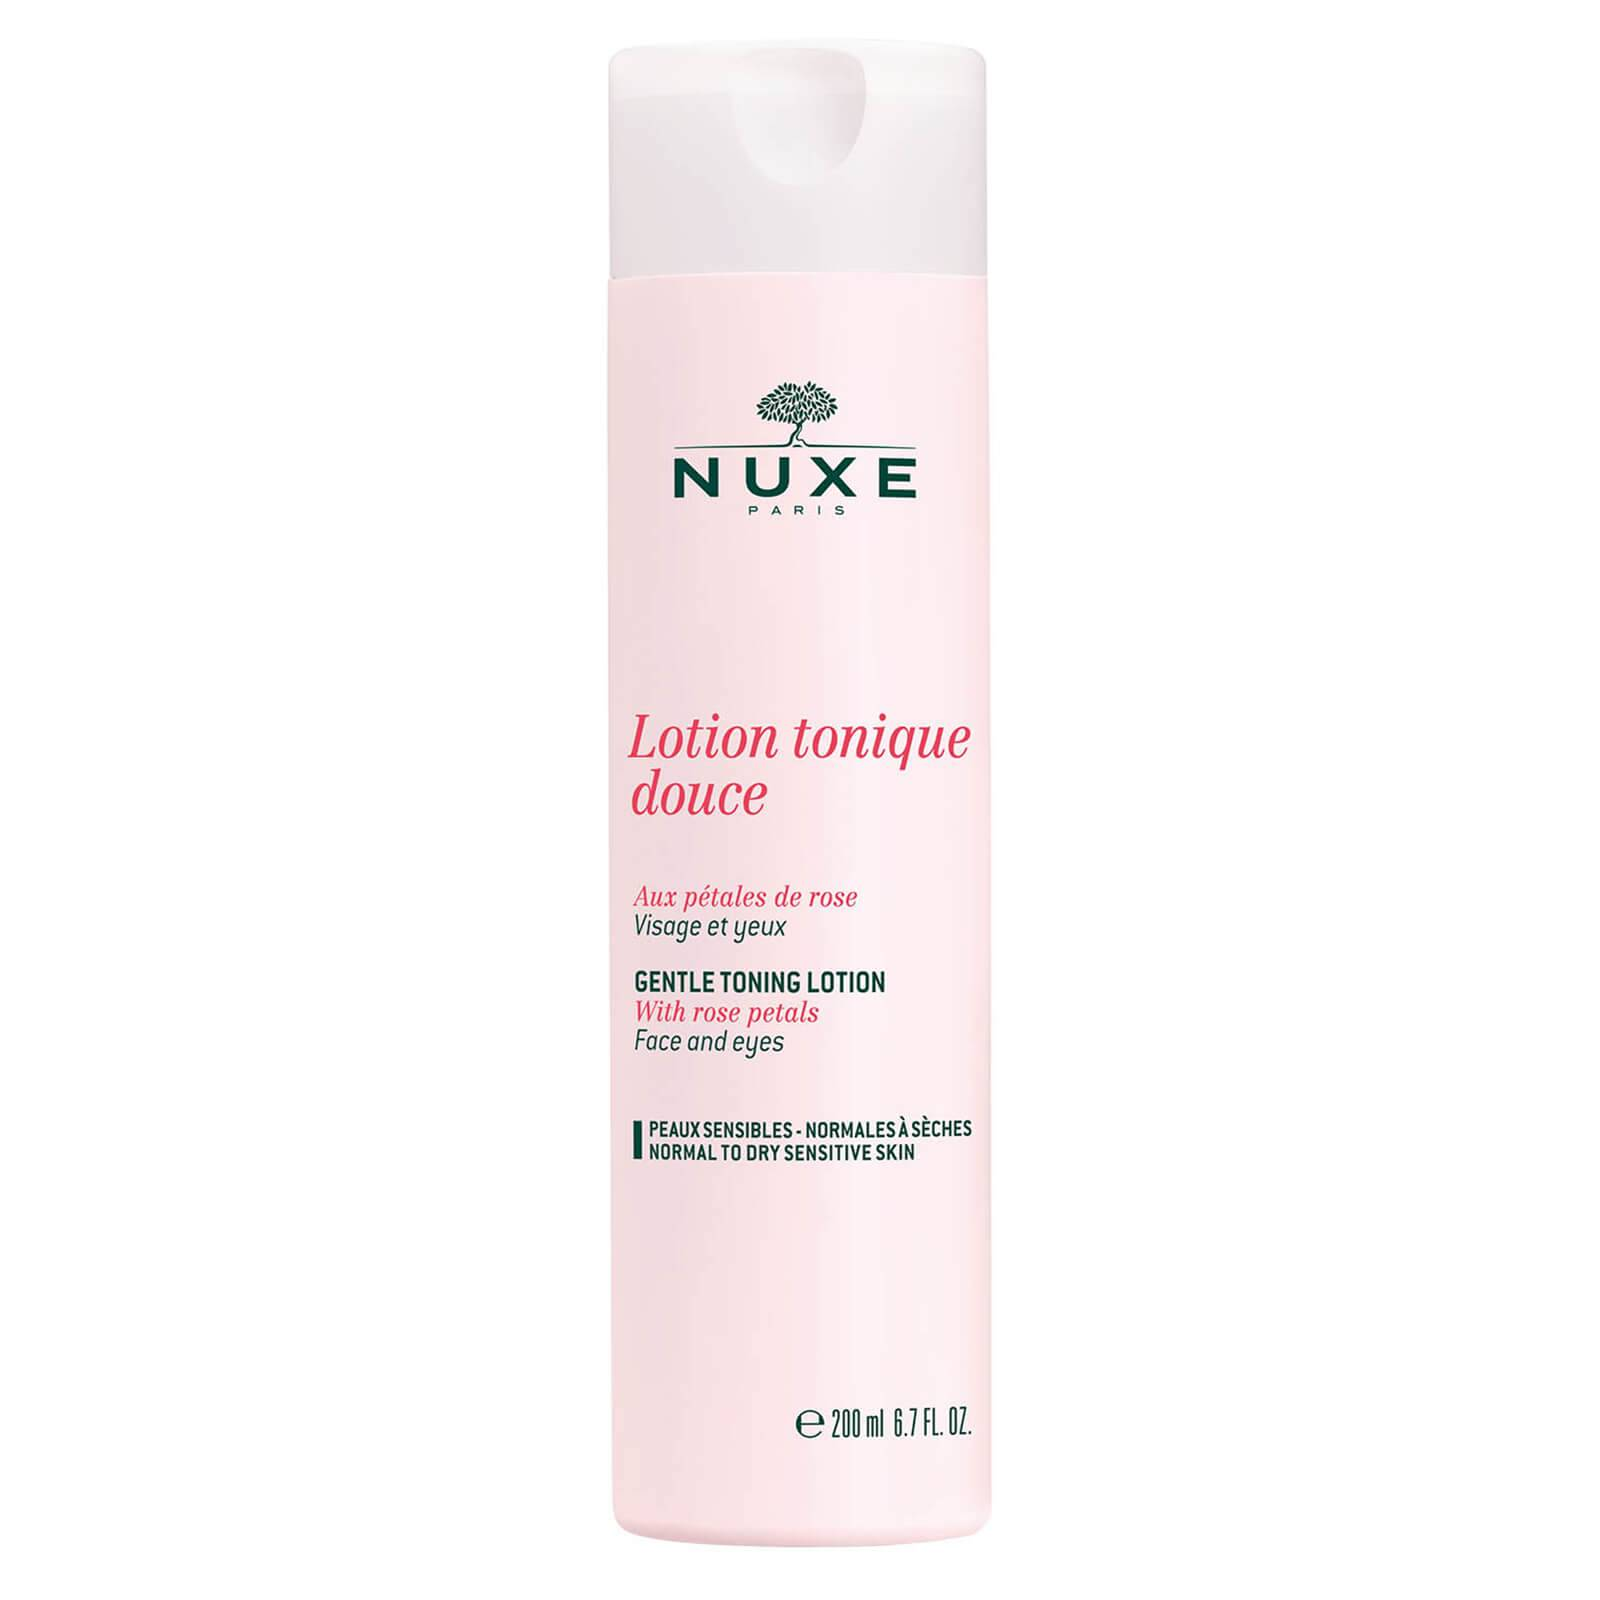 NUXE Lotion tonique douce (200ml)